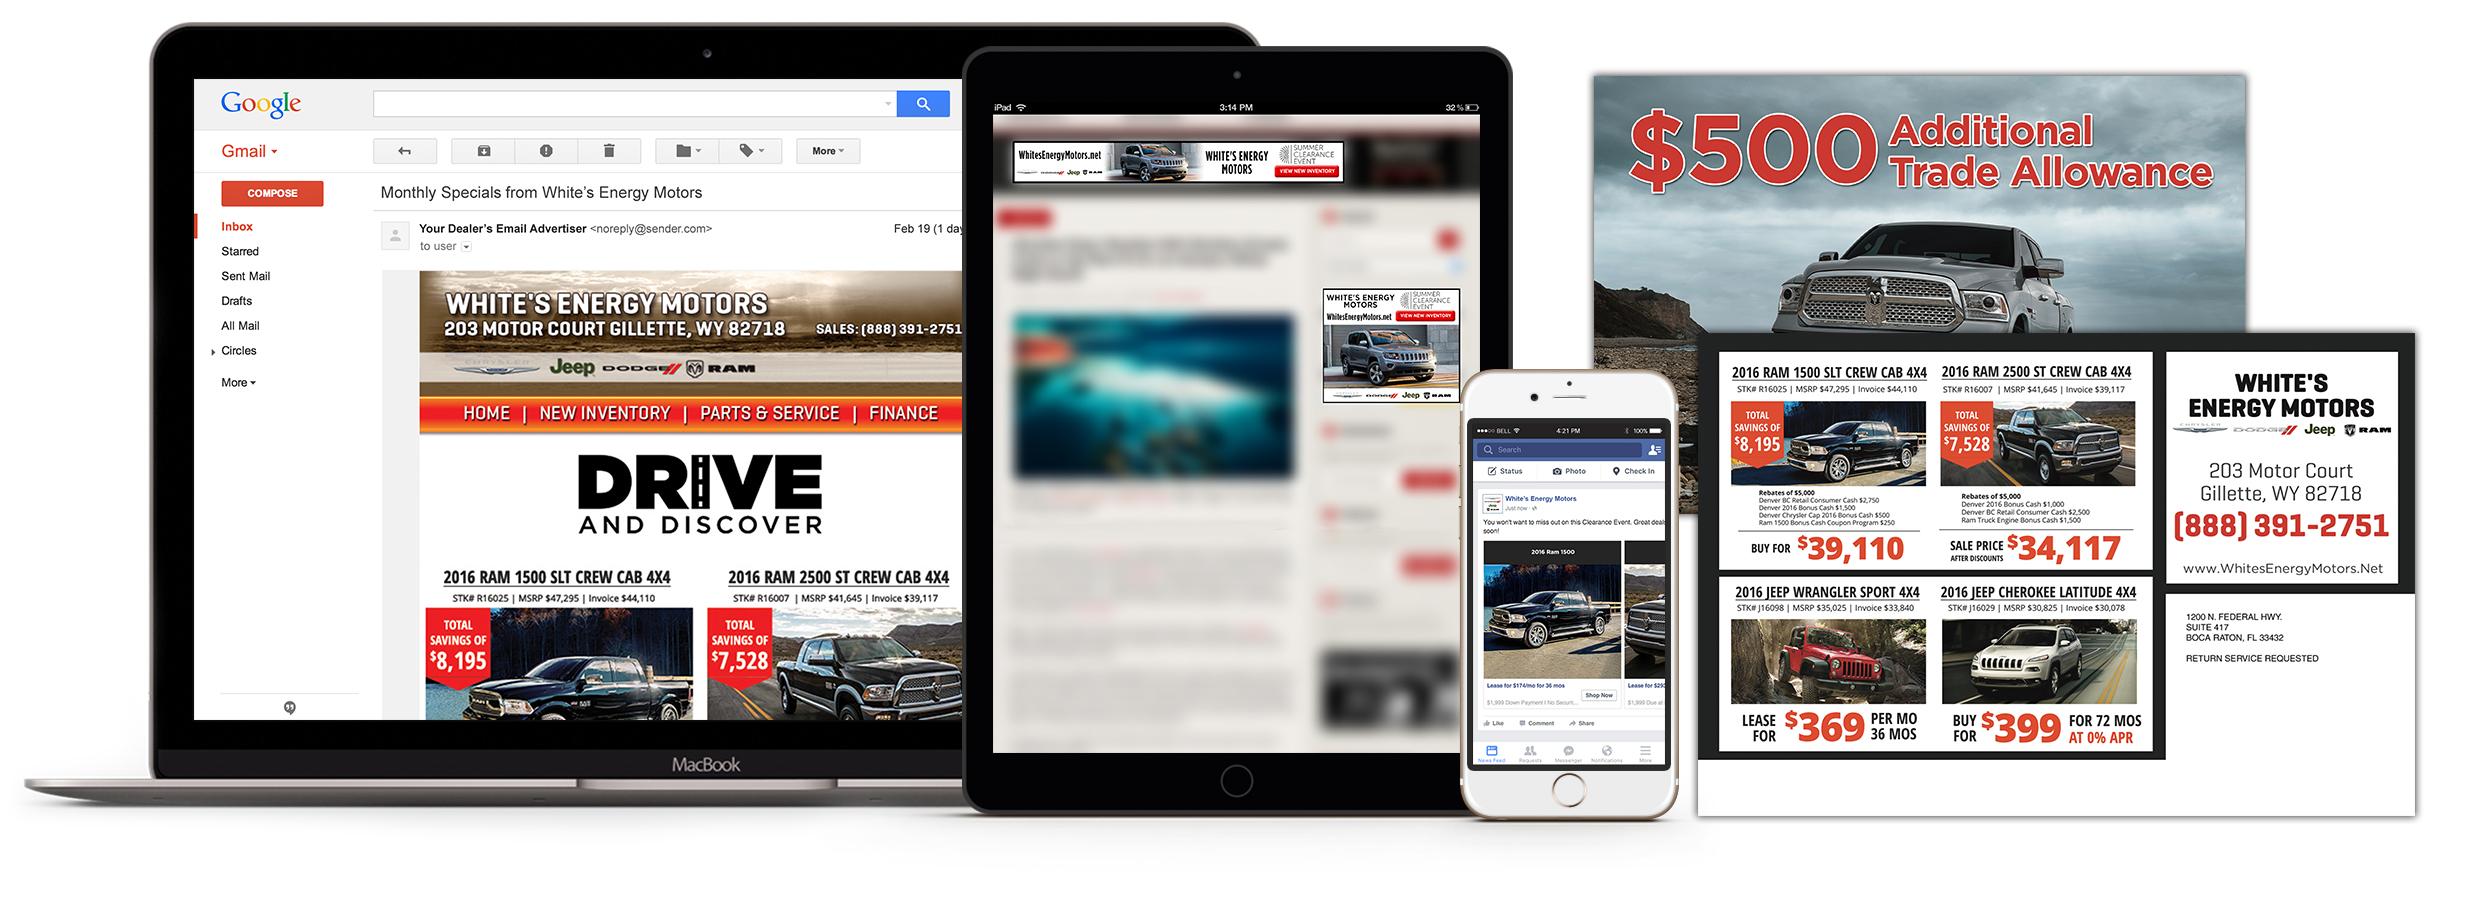 Bob Grimm Chevrolet >> White's Energy Motors | Conquest Automotive